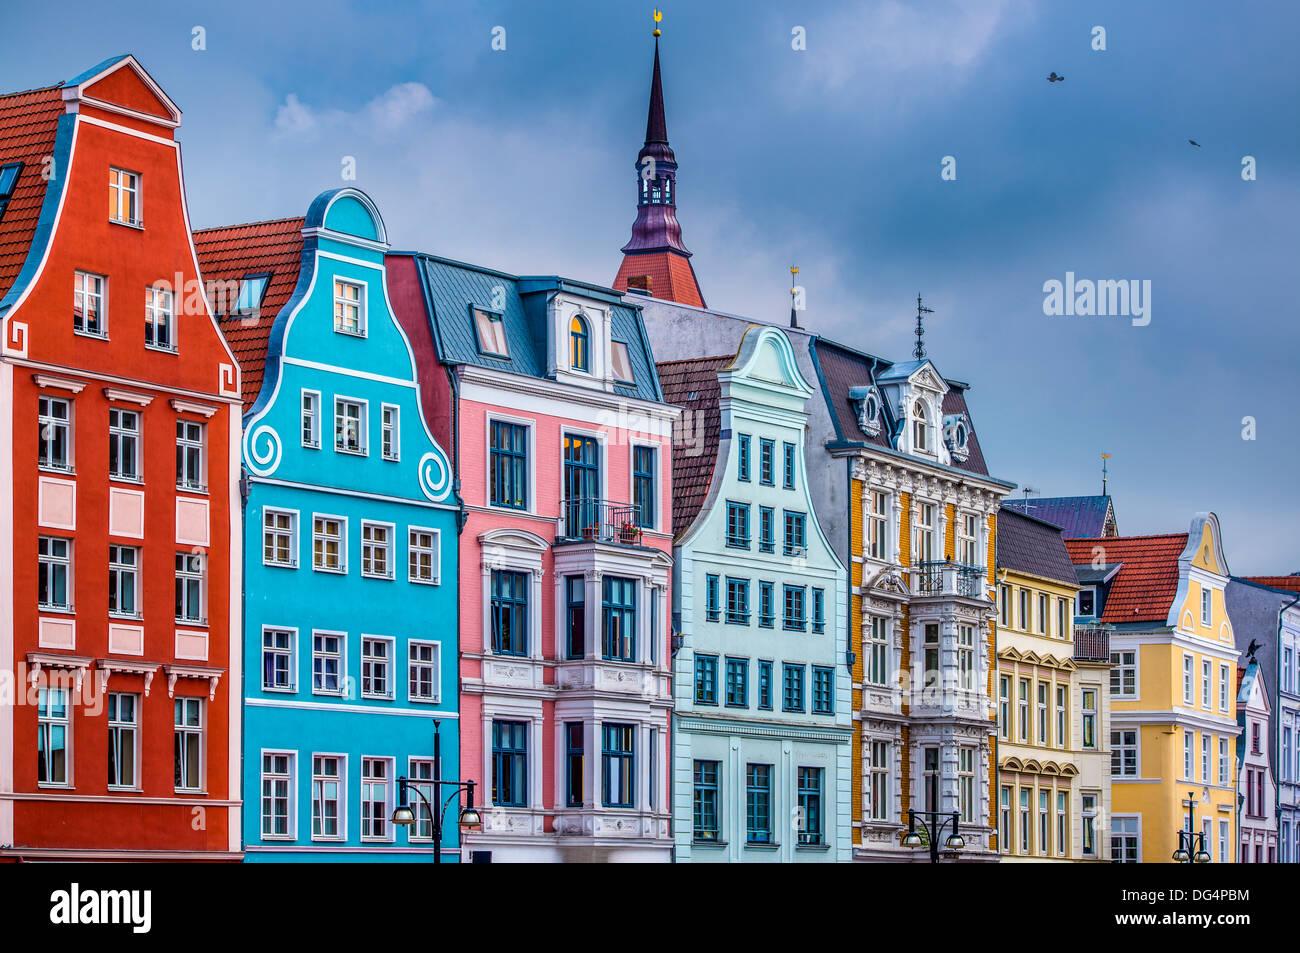 Historische Gebäude in Rostock, Deutschland. Stockbild